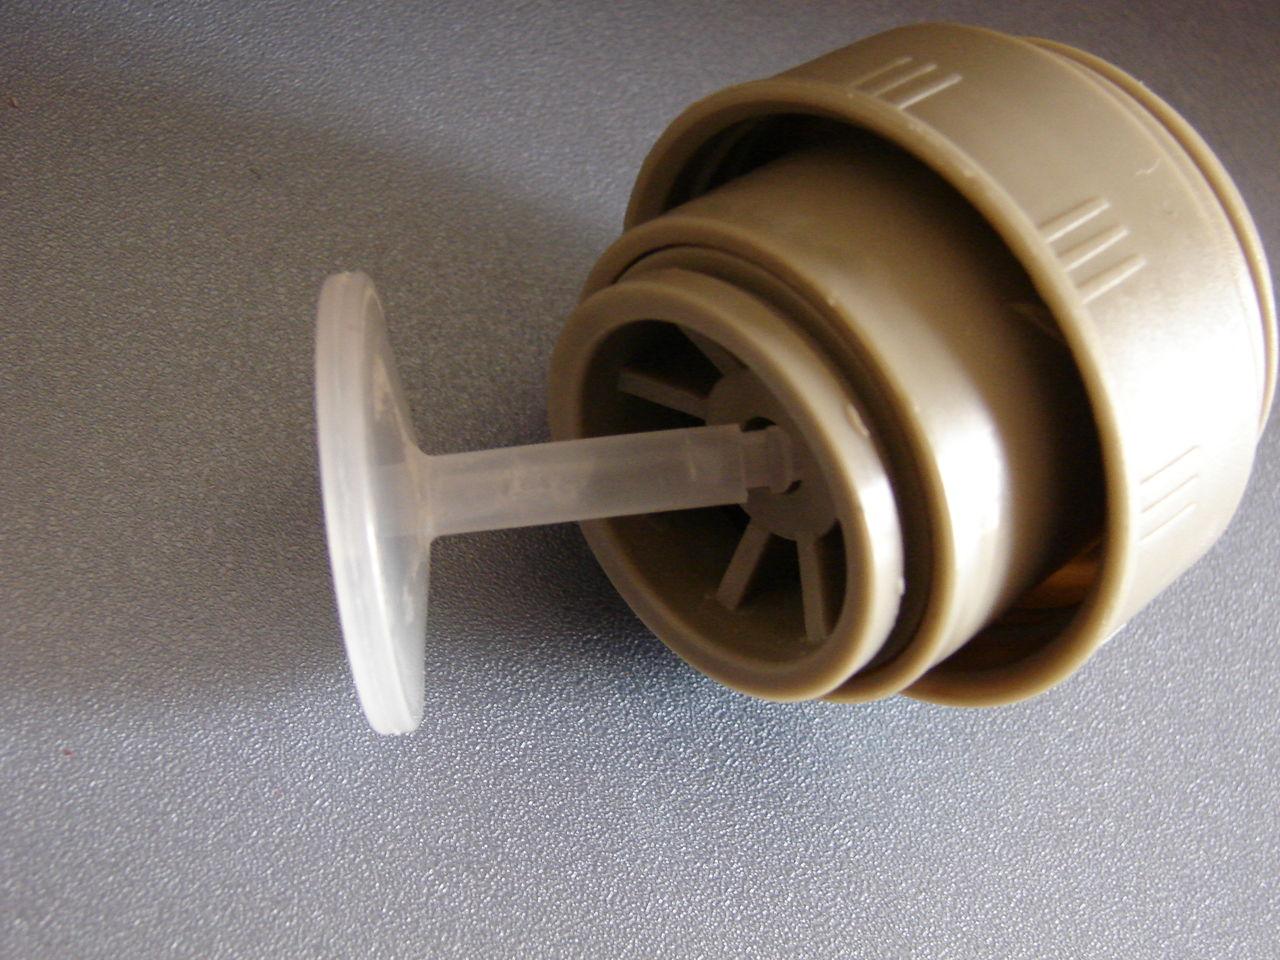 保温杯盖子的原理_保温杯盖子的组装图解